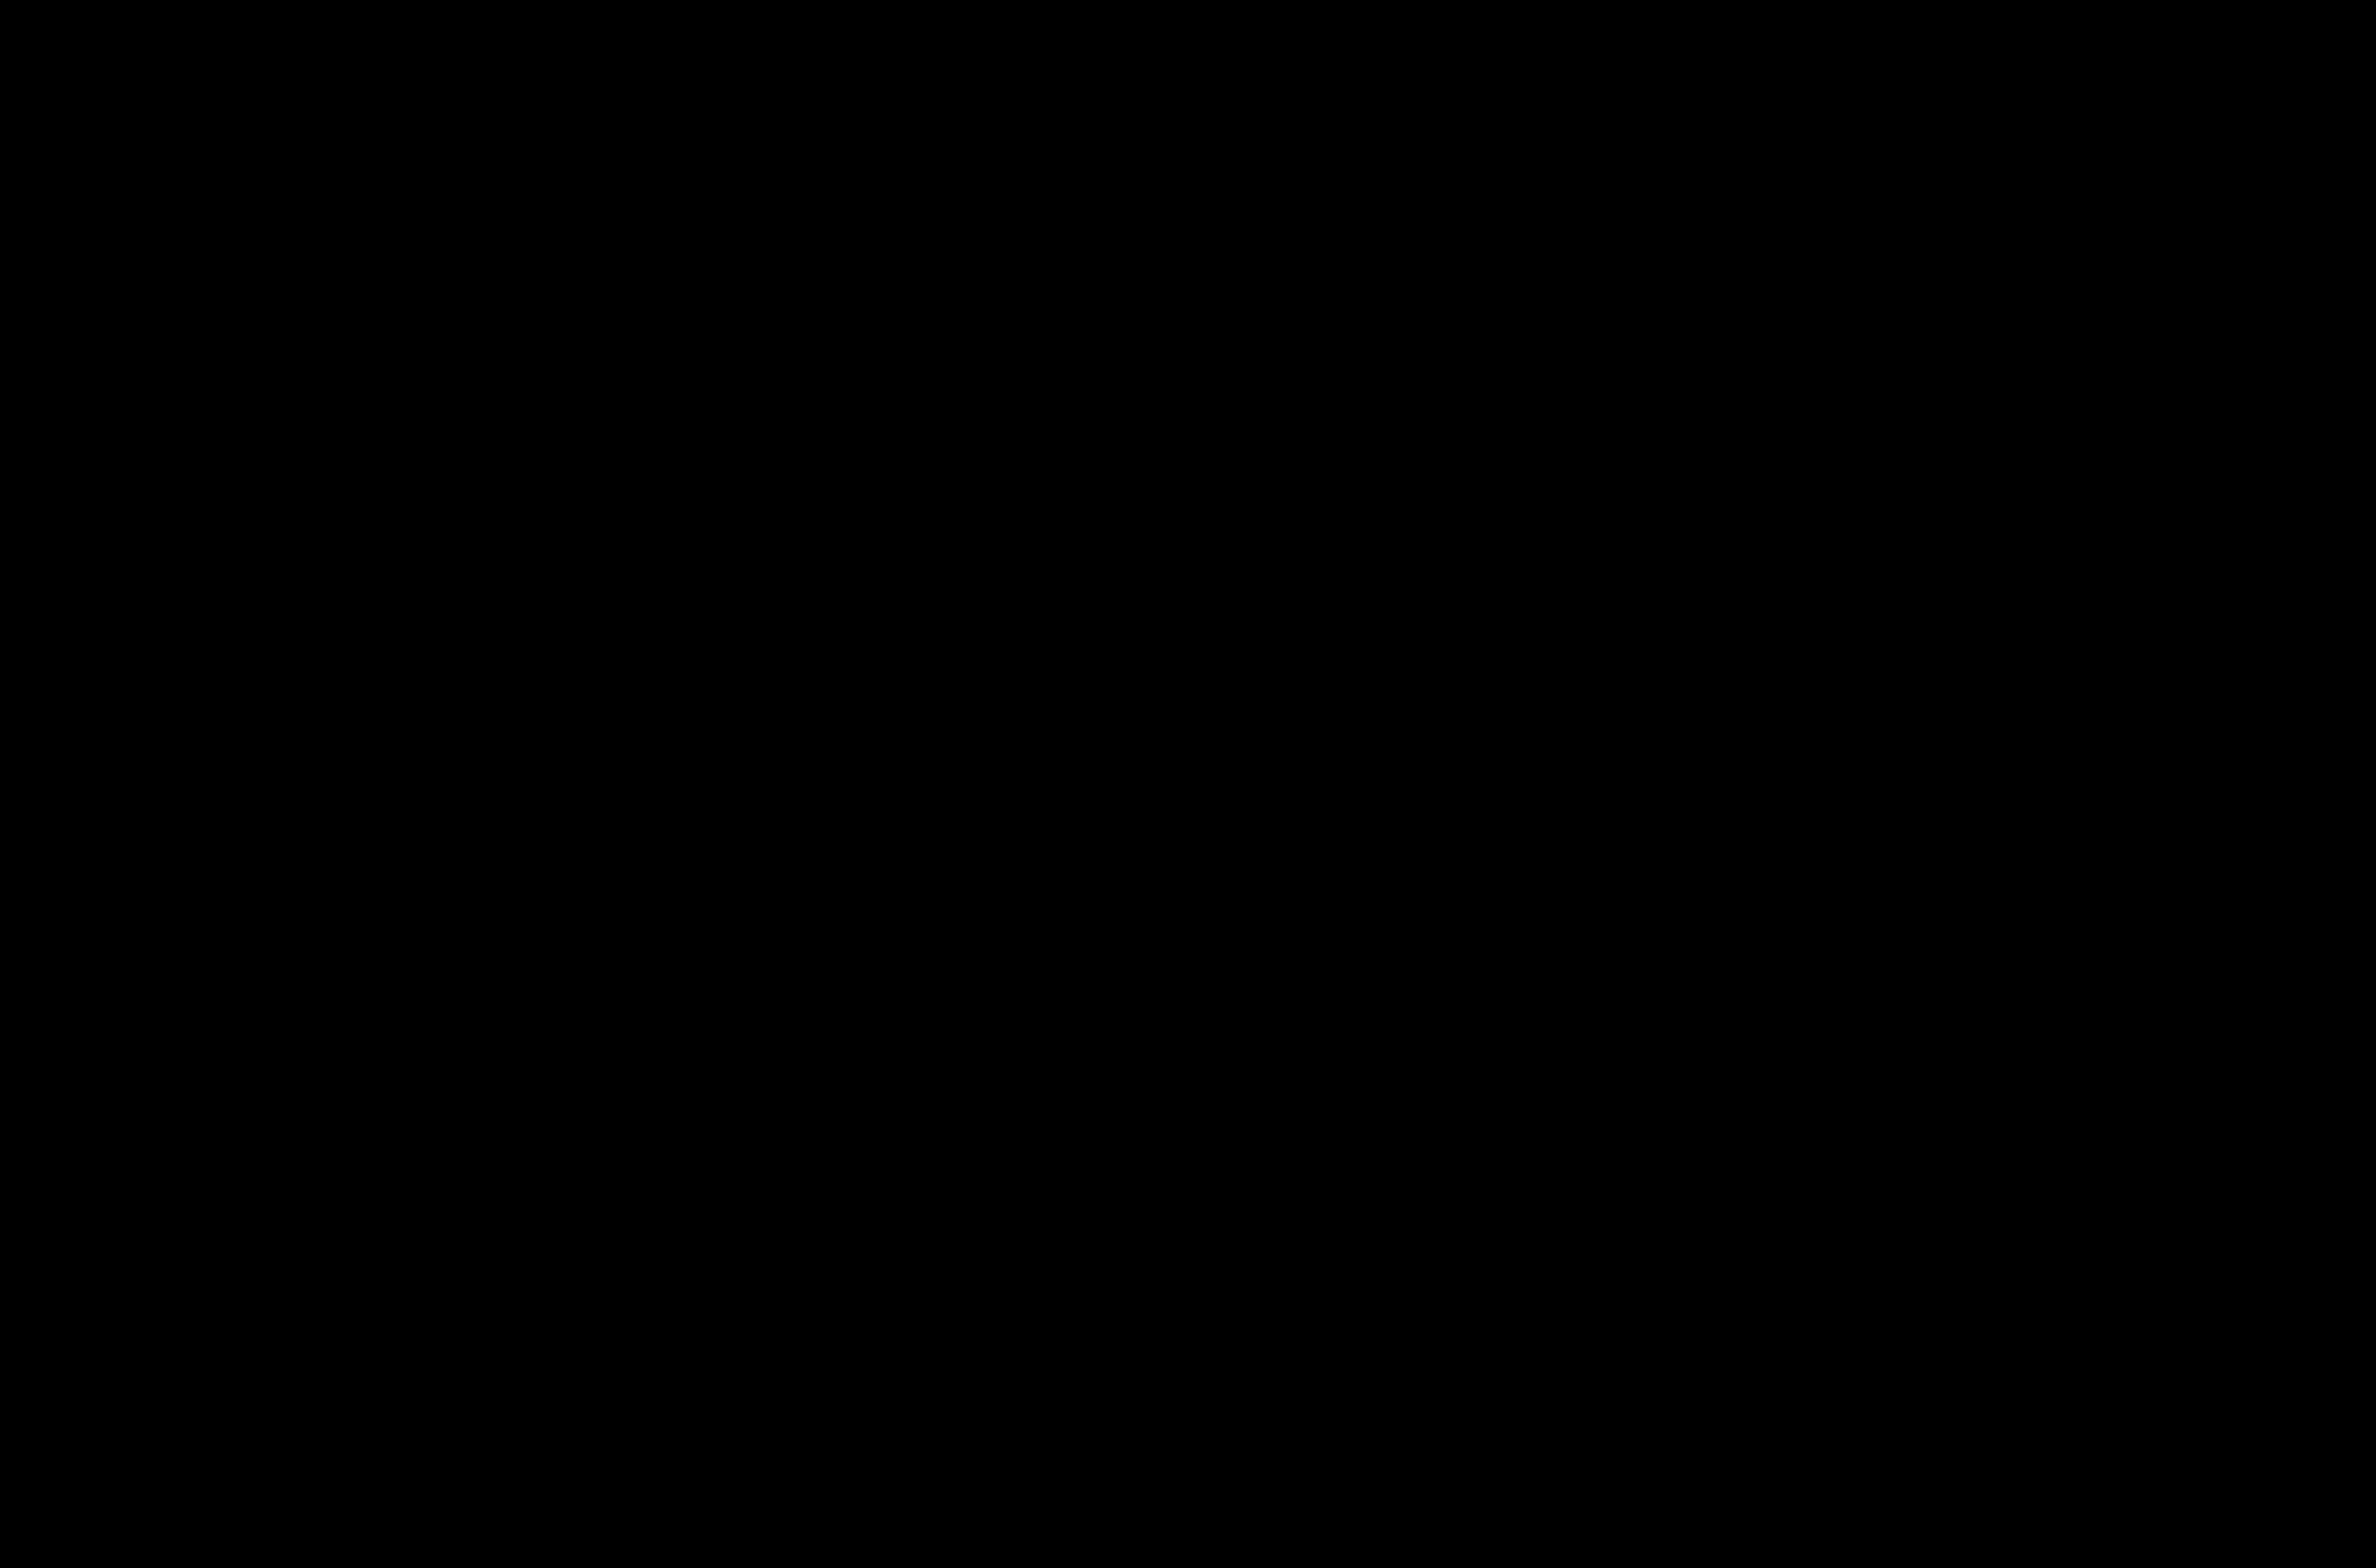 Black Logo, transparent background